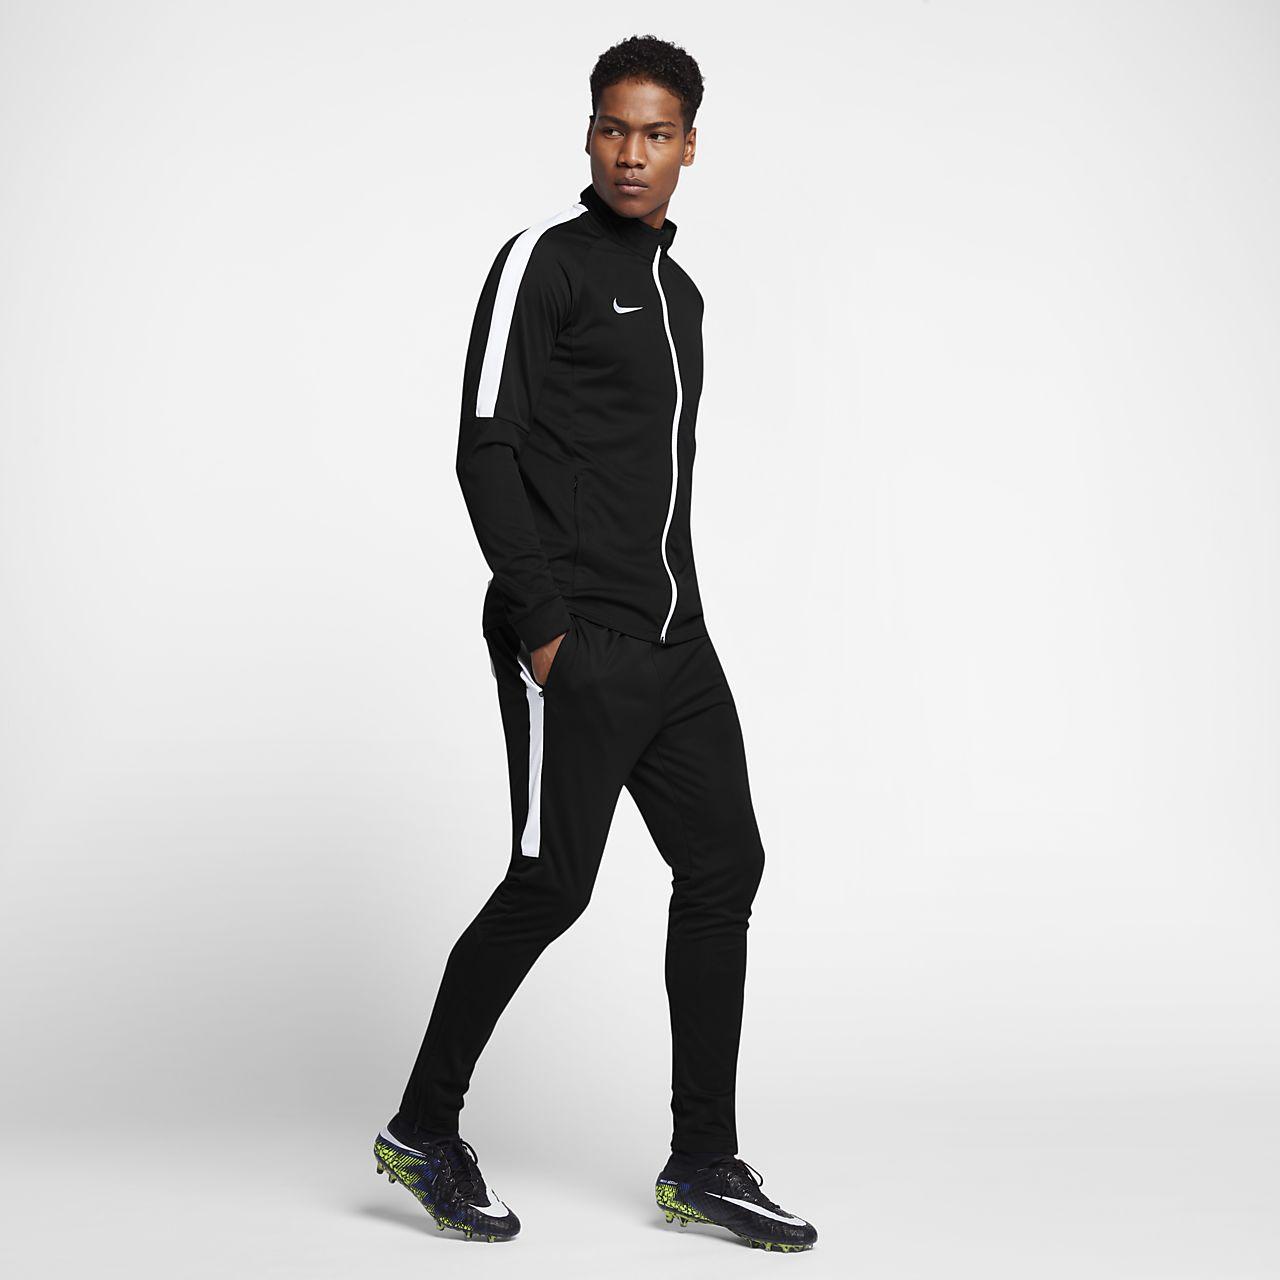 Мужской футбольный костюм Nike Dri-FIT. Nike.com RU 81cd9df4444cf